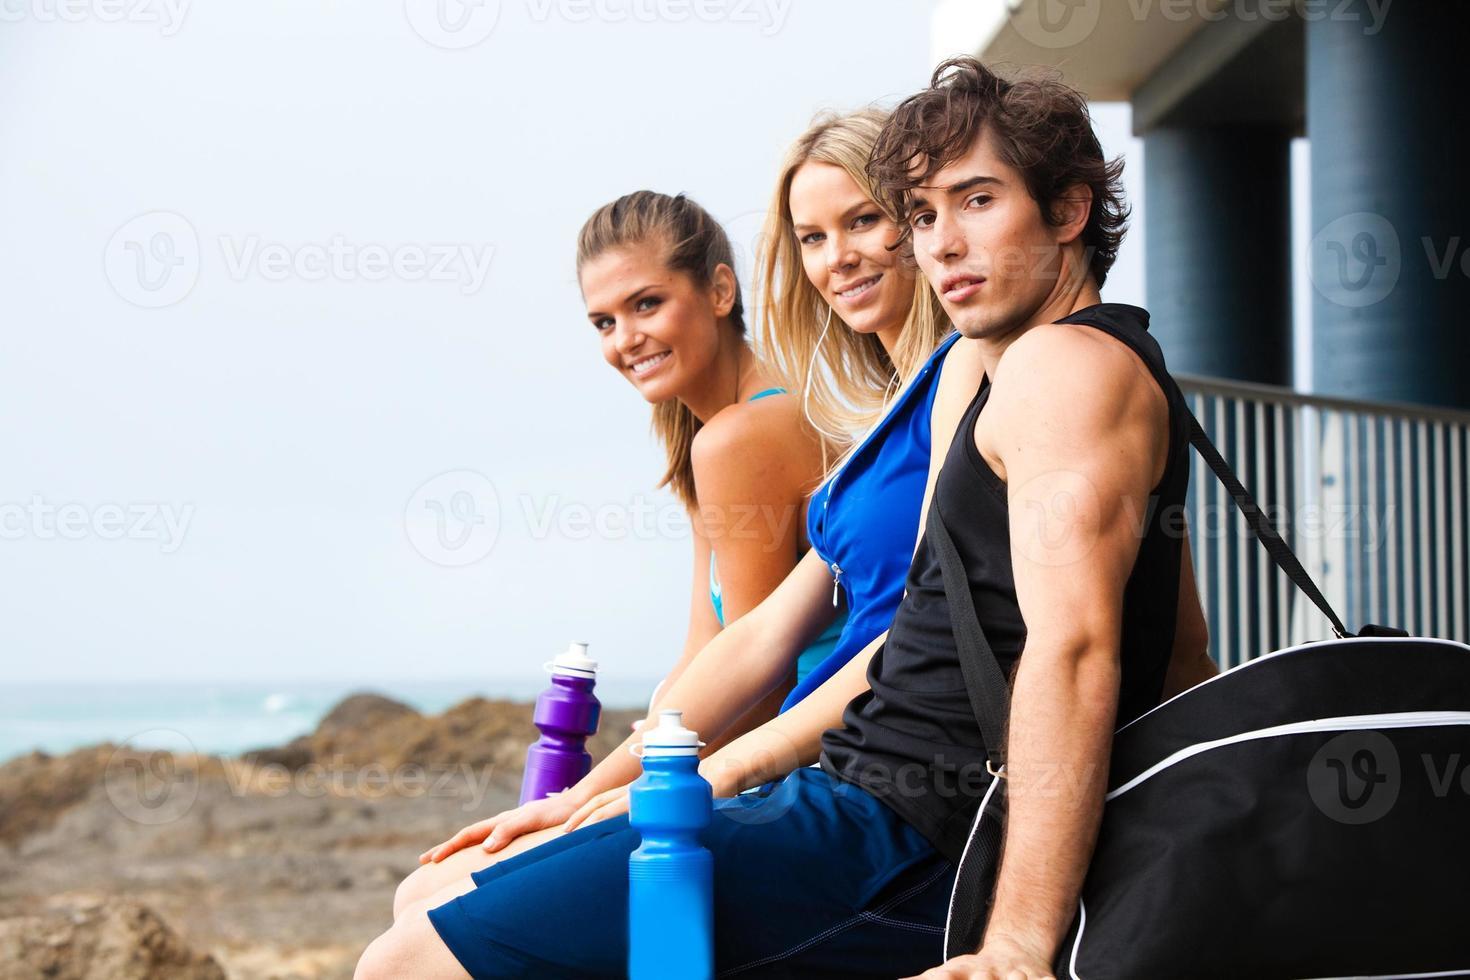 tre giovani sorridenti con bottiglie d'acqua in spiaggia foto